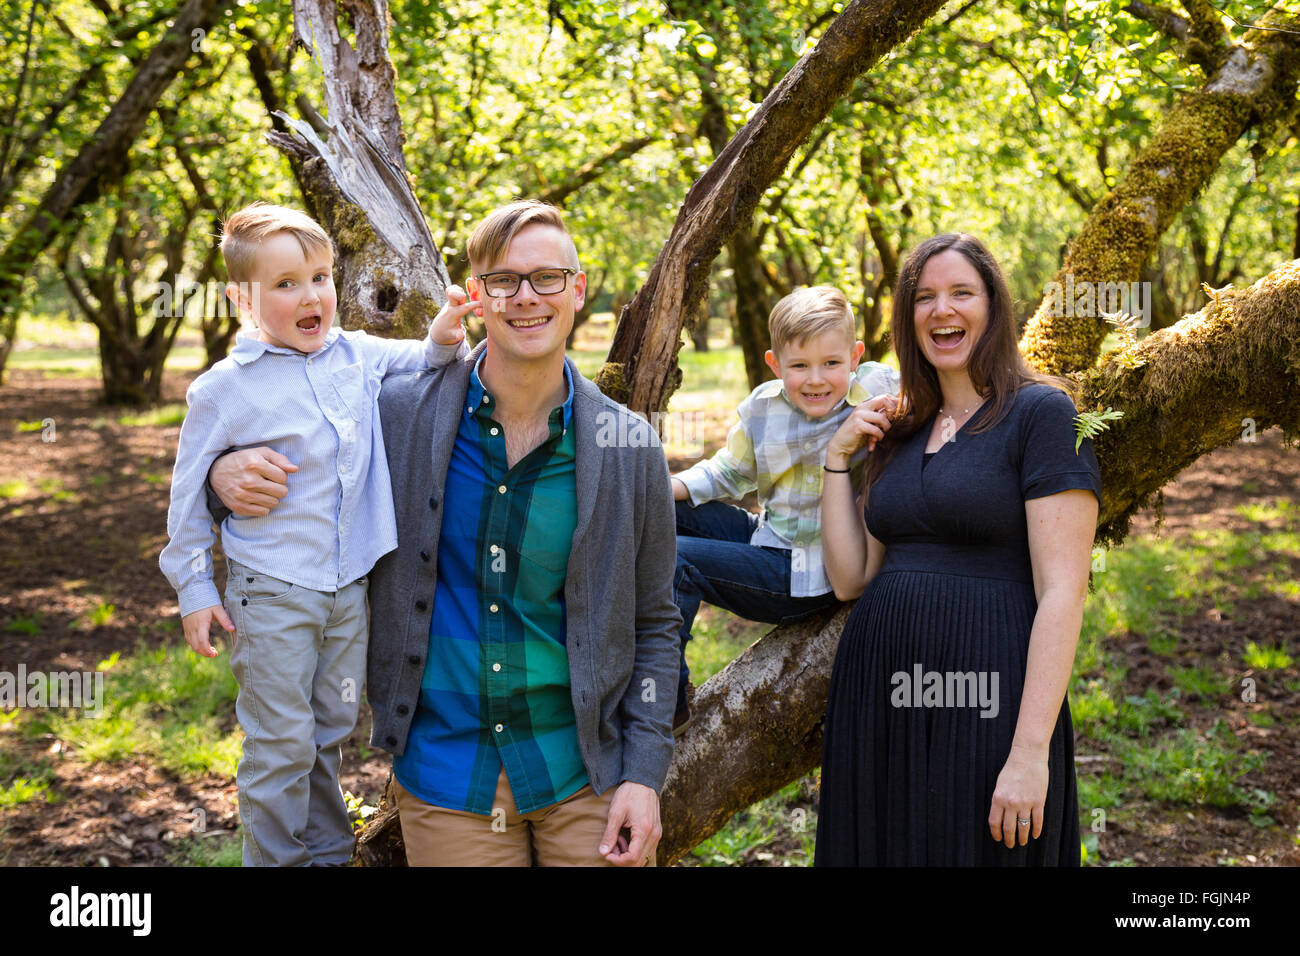 Famiglia di 4 persone all'aperto in un ambiente naturale con una bella luce in un ritratto di stile di vita. Immagini Stock